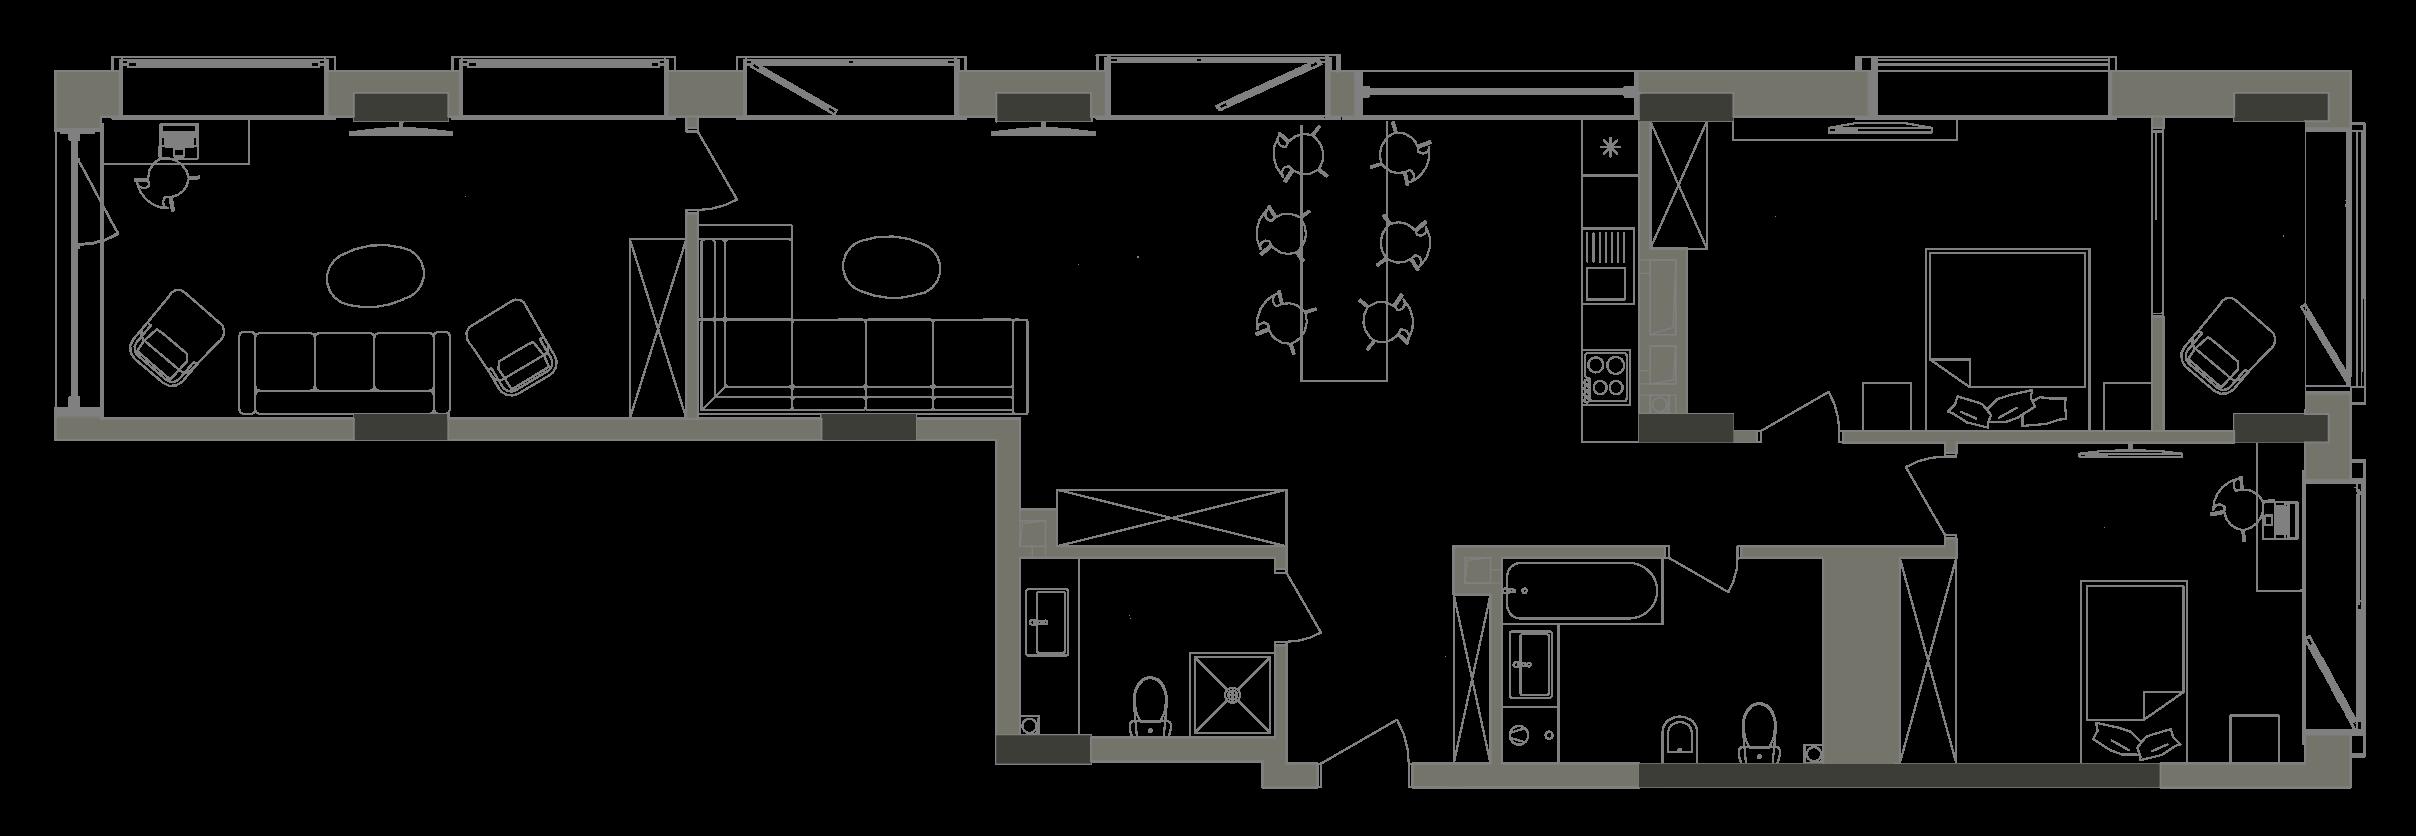 Квартира KV_74_3V_1_1_6